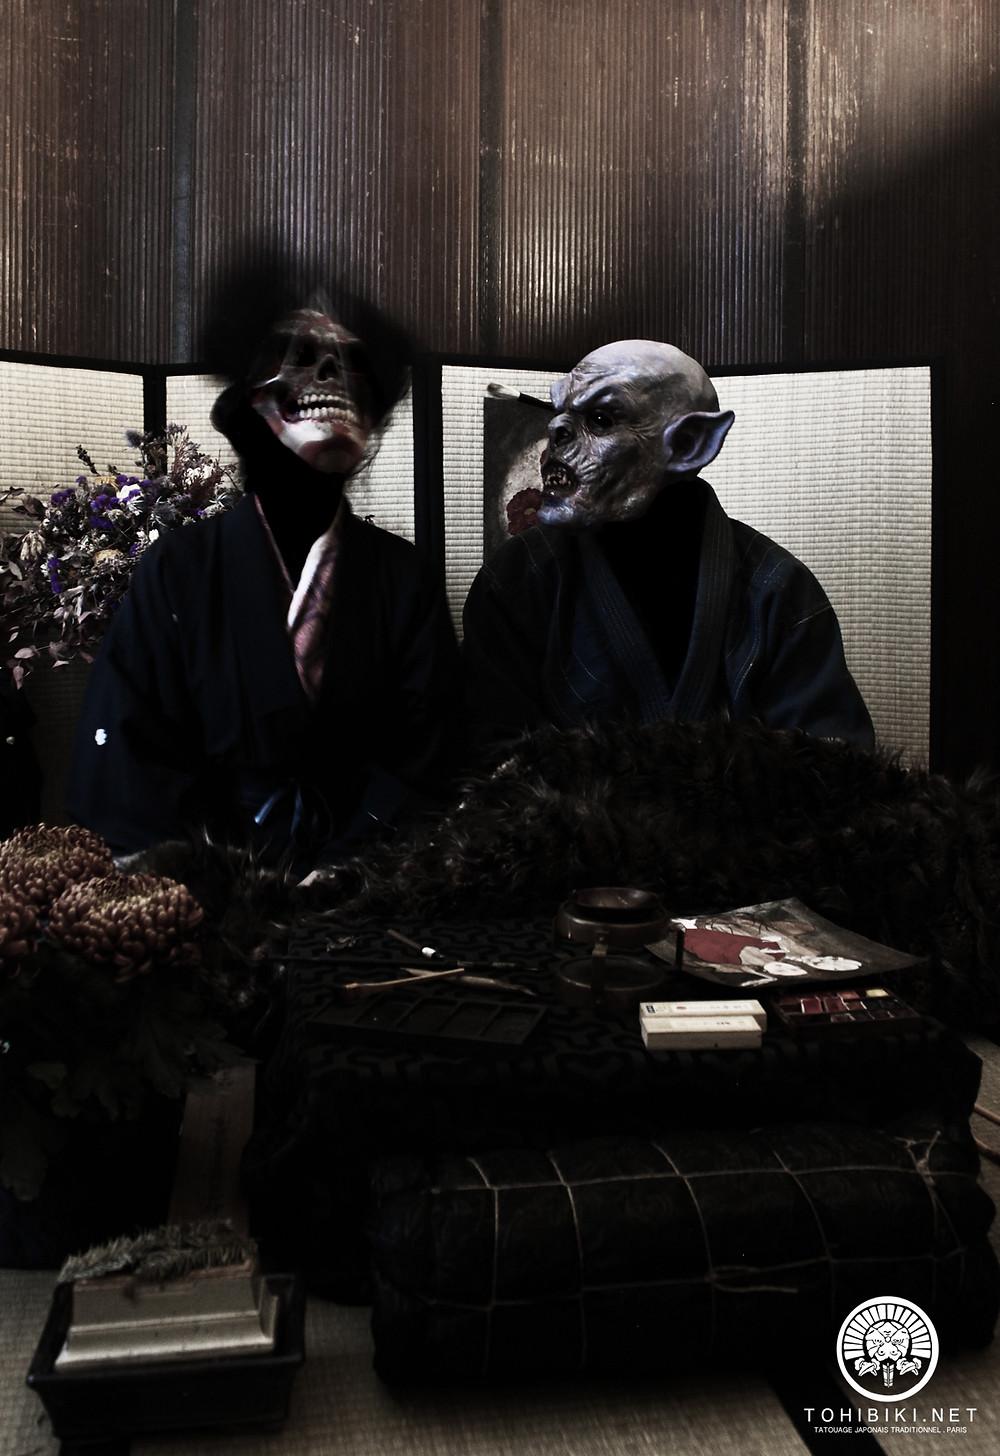 Tohibiki & Shakki, Demons de l'Irezumi. Tatouage japonais à Paris.